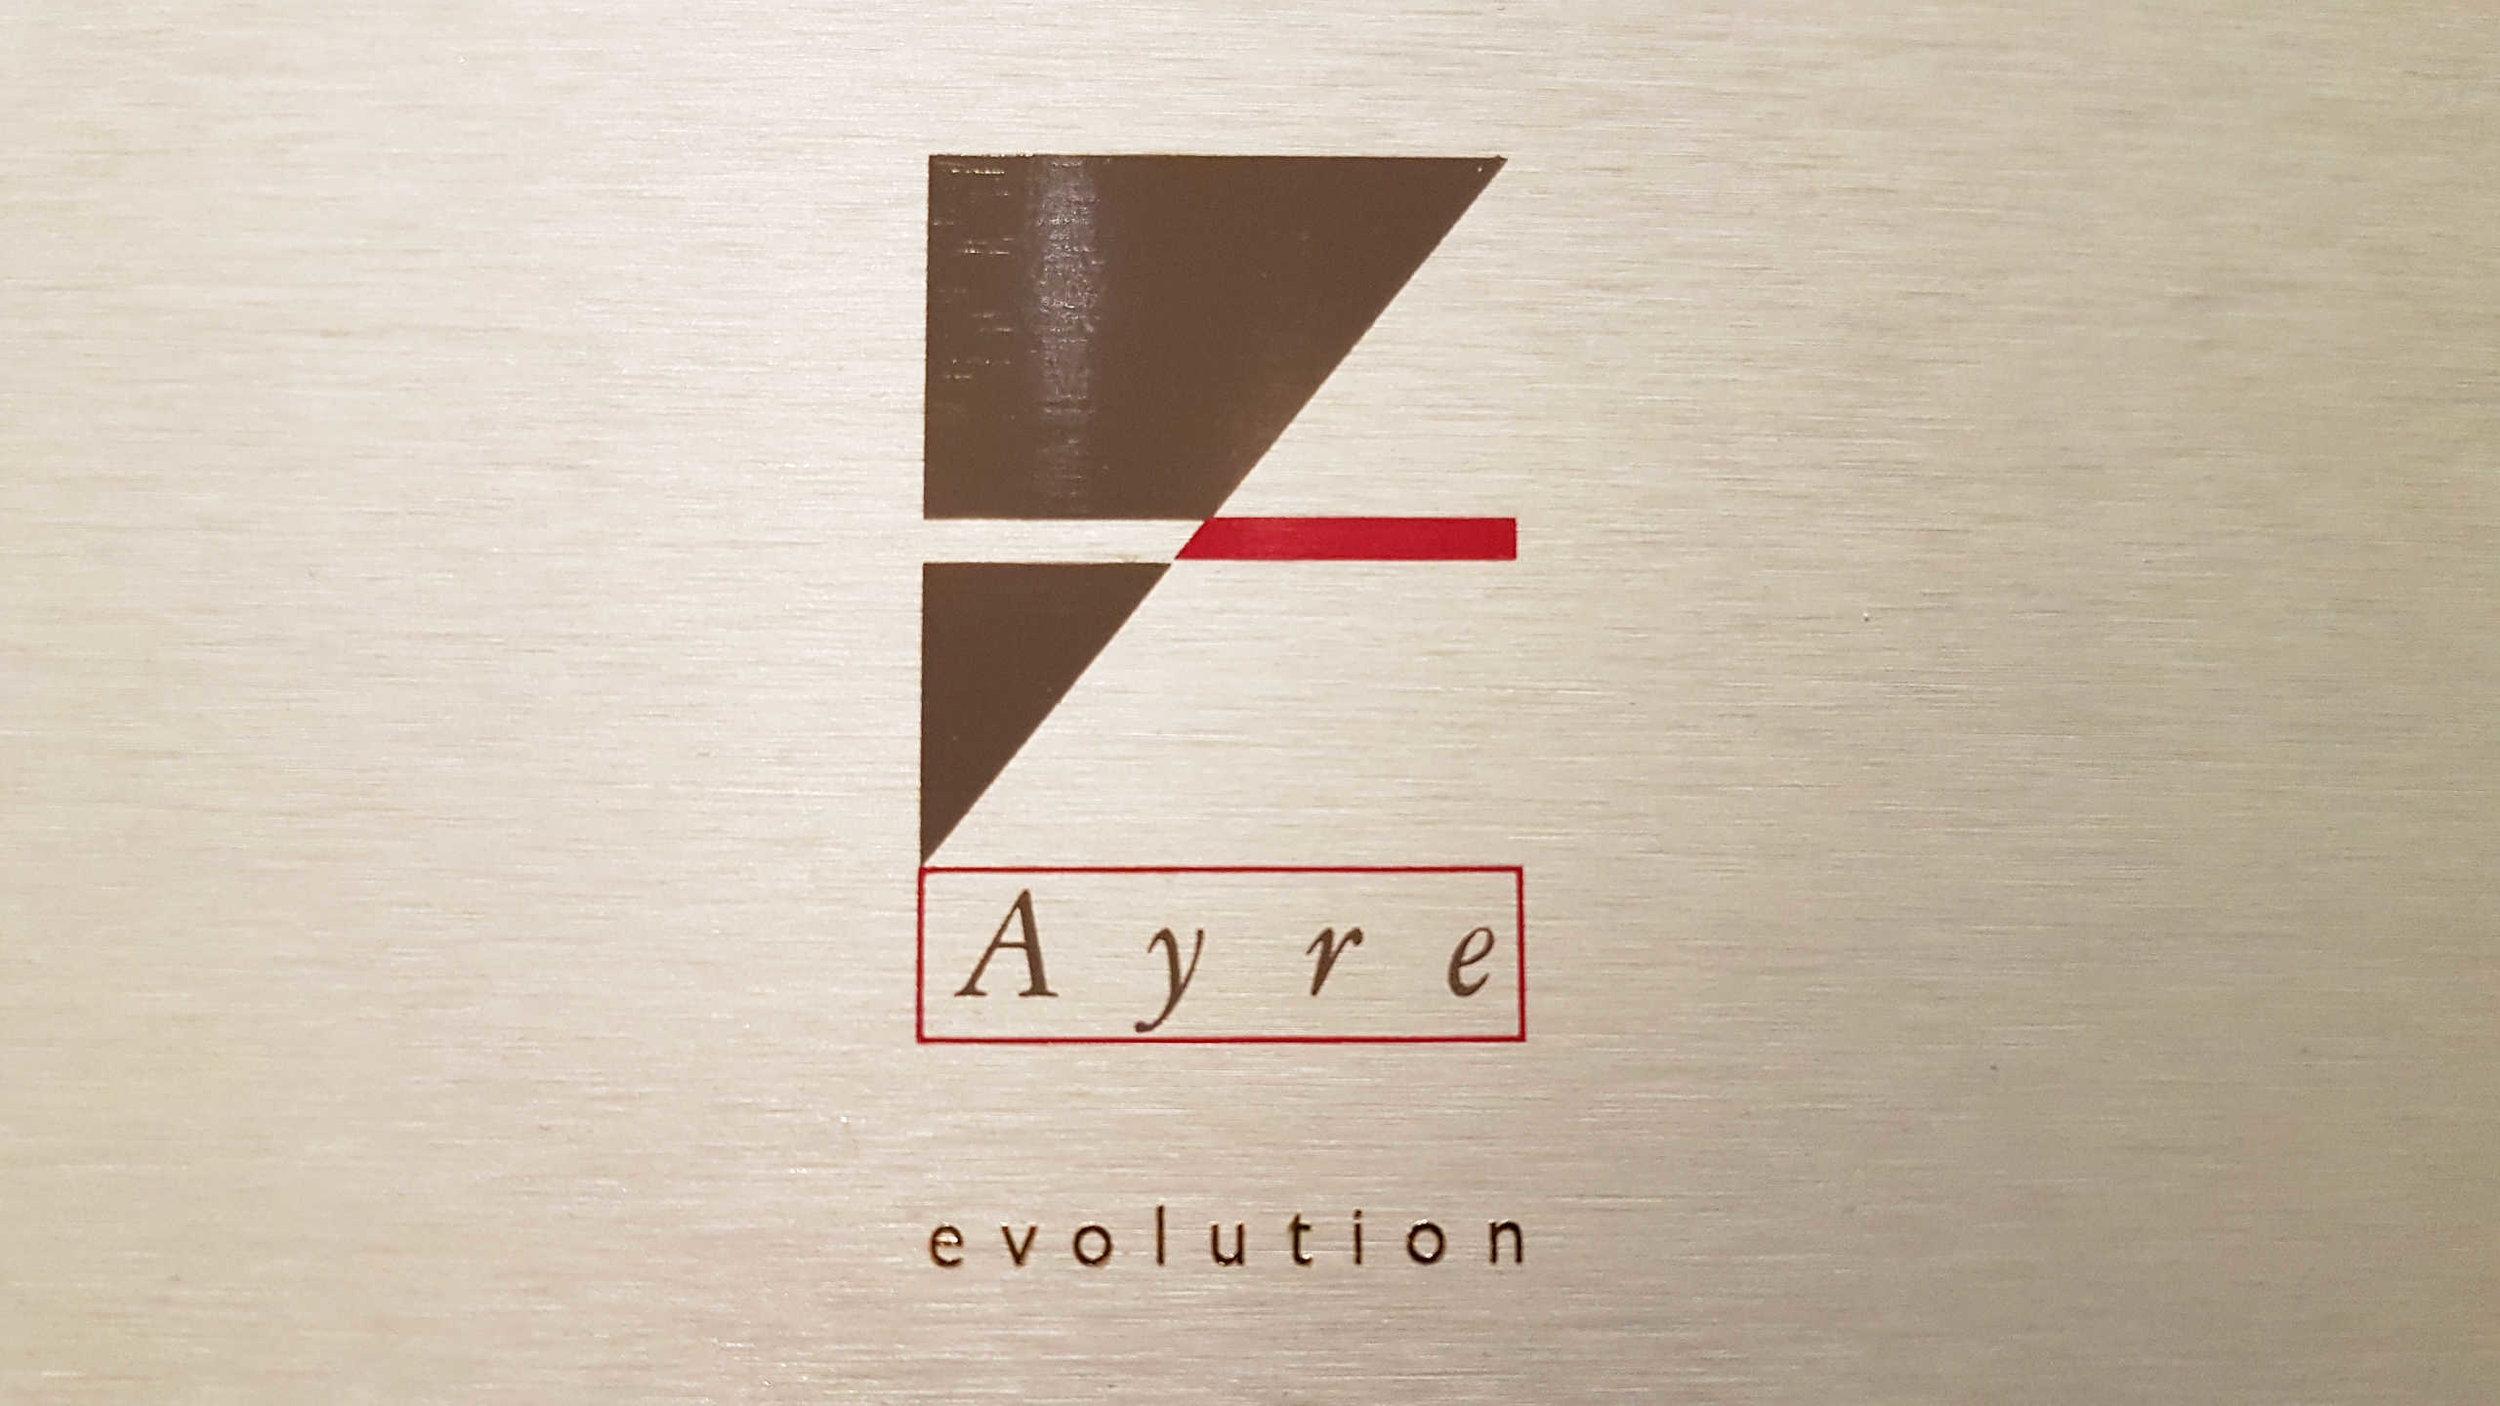 ayre_ax7e_logo.jpg